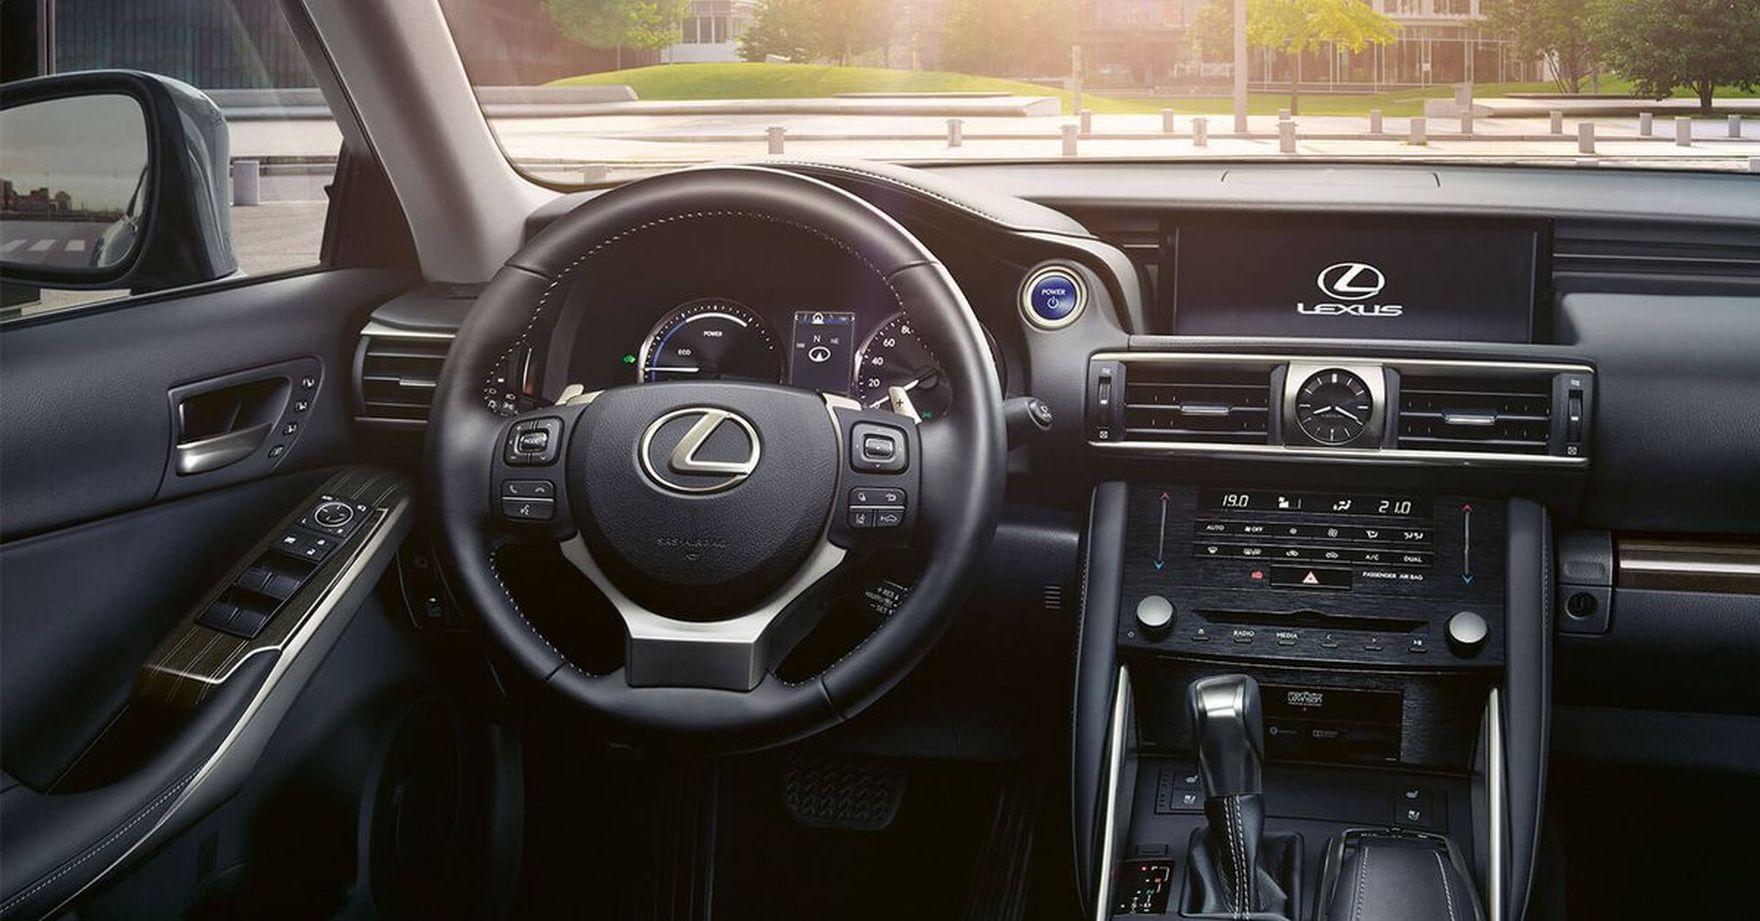 Jakość w doskonałej cenie. Oferty na modele Lexusa z rocznika produkcji 2021 są rewelacyjne